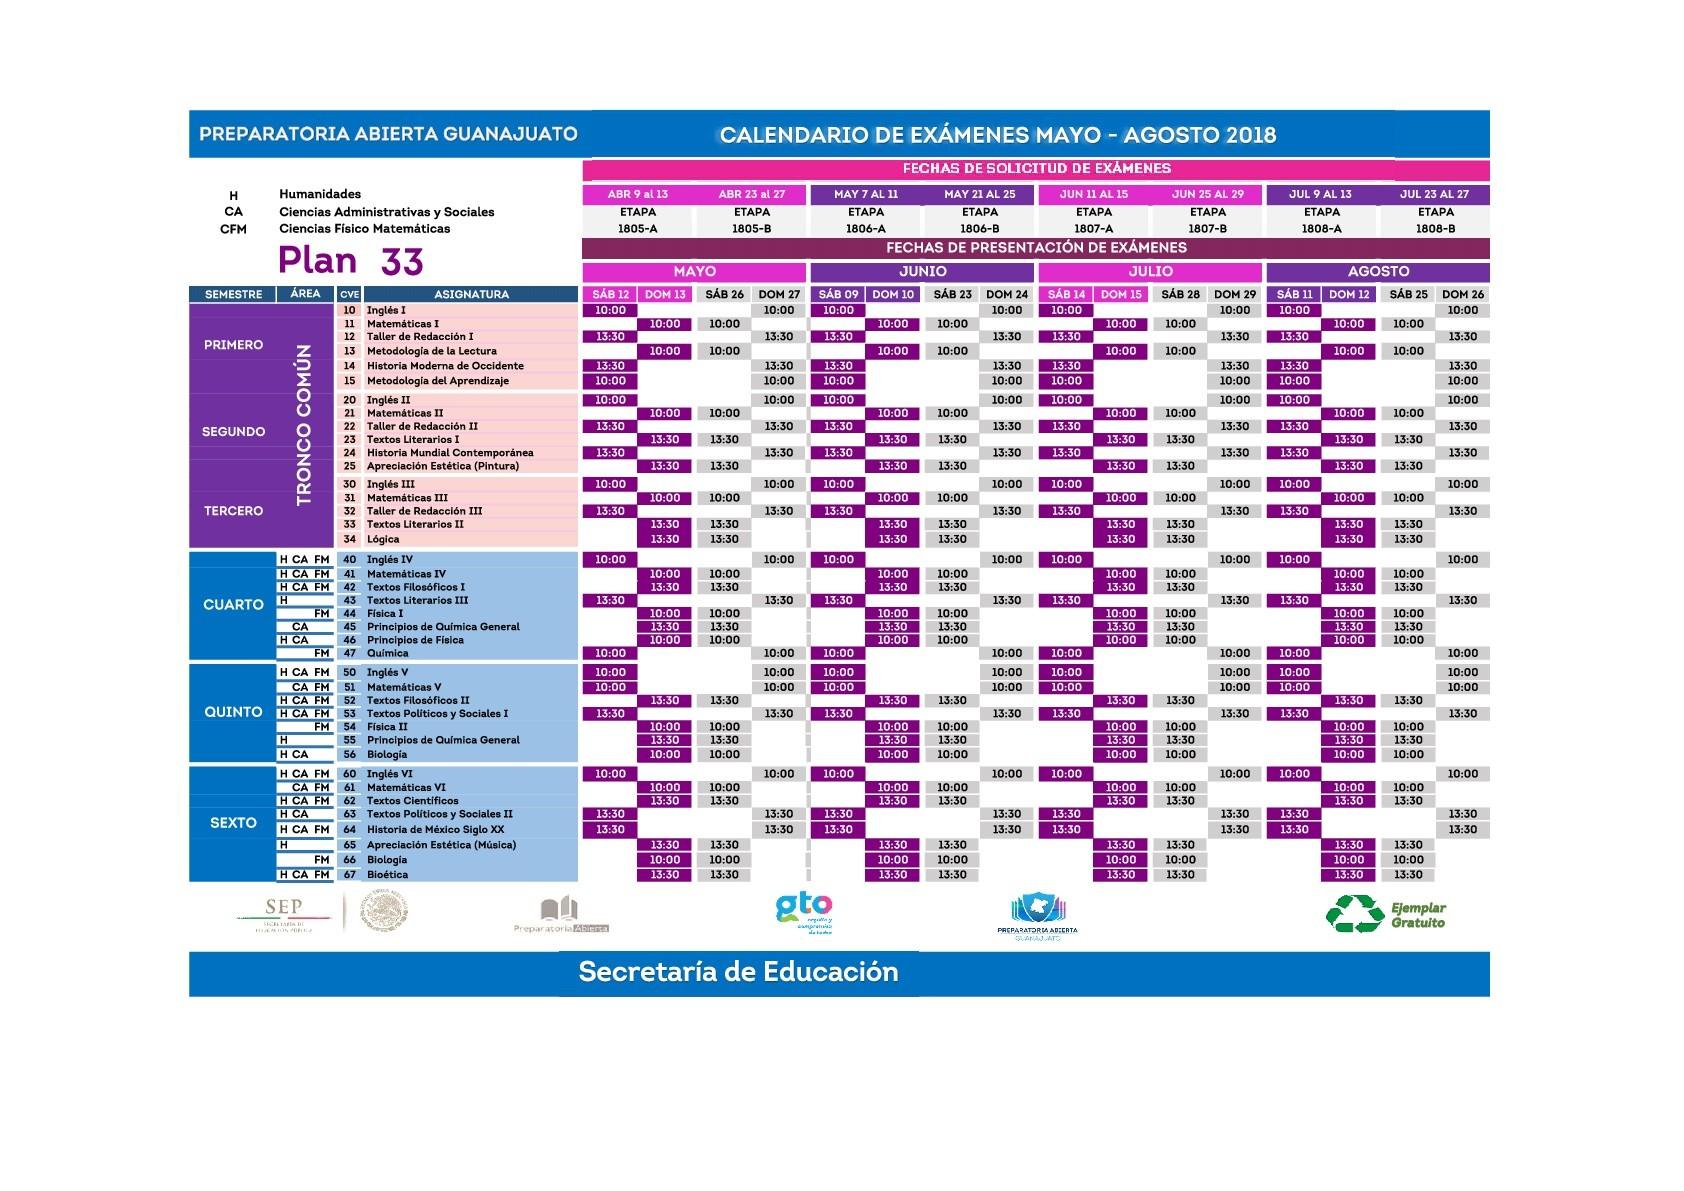 """CENTRO DE ASESORA"""" conforme al calendario oficial que PREPARATORIA ABIERTA operados por SEIEM a través de la CALENDARIO DE SOLICITUD Y PRESENTACION"""